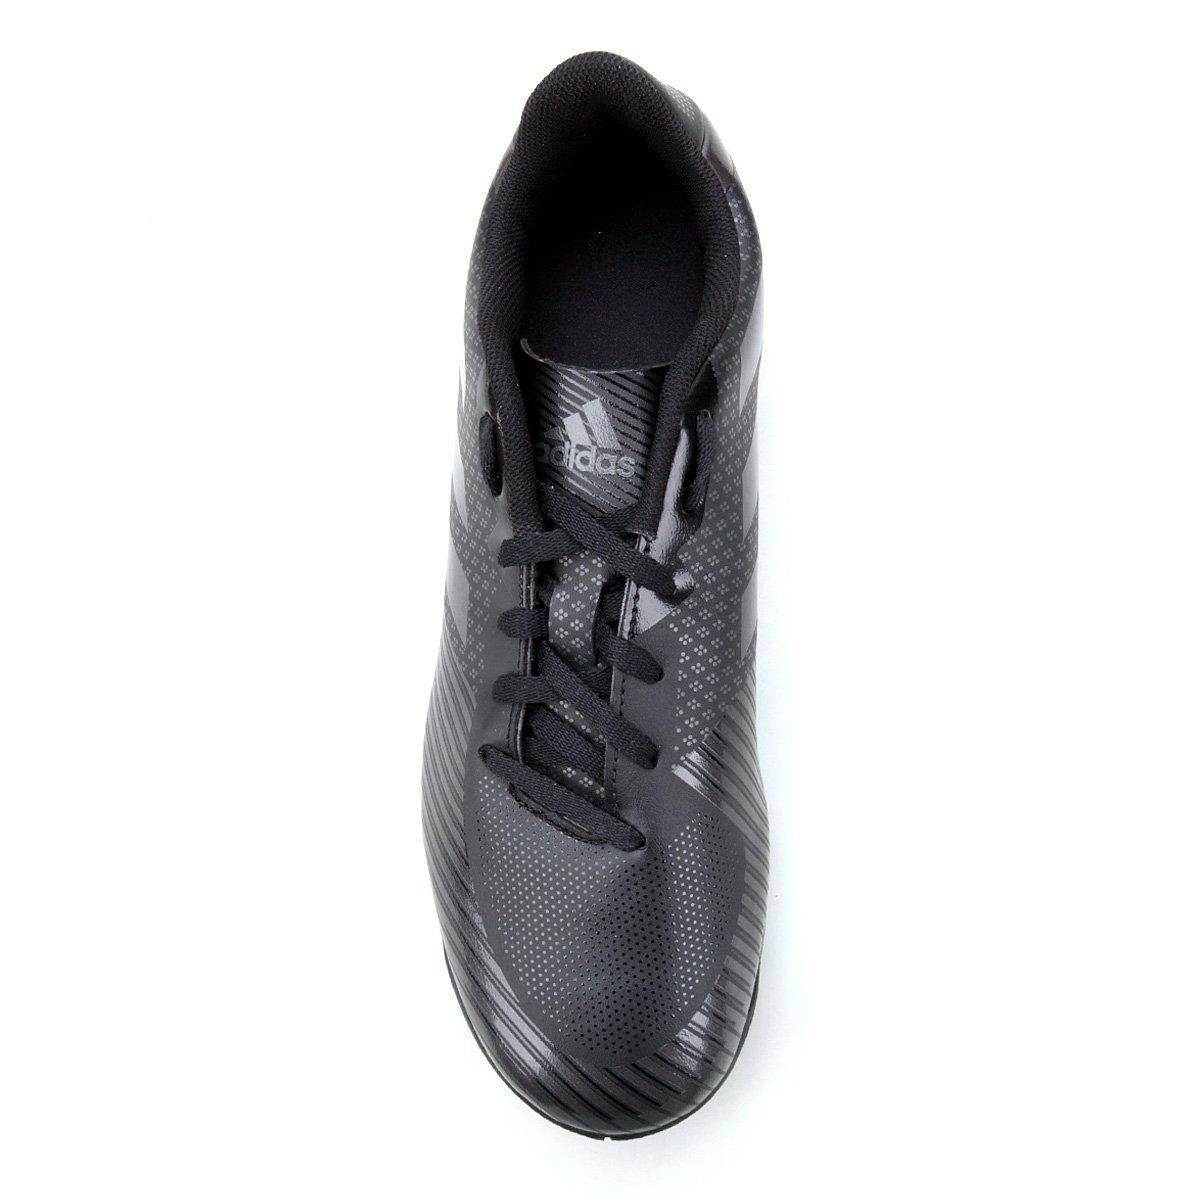 61630ccad3 Chuteira Futsal Adidas Artilheira 18 IN - Preto - Compre Agora ...